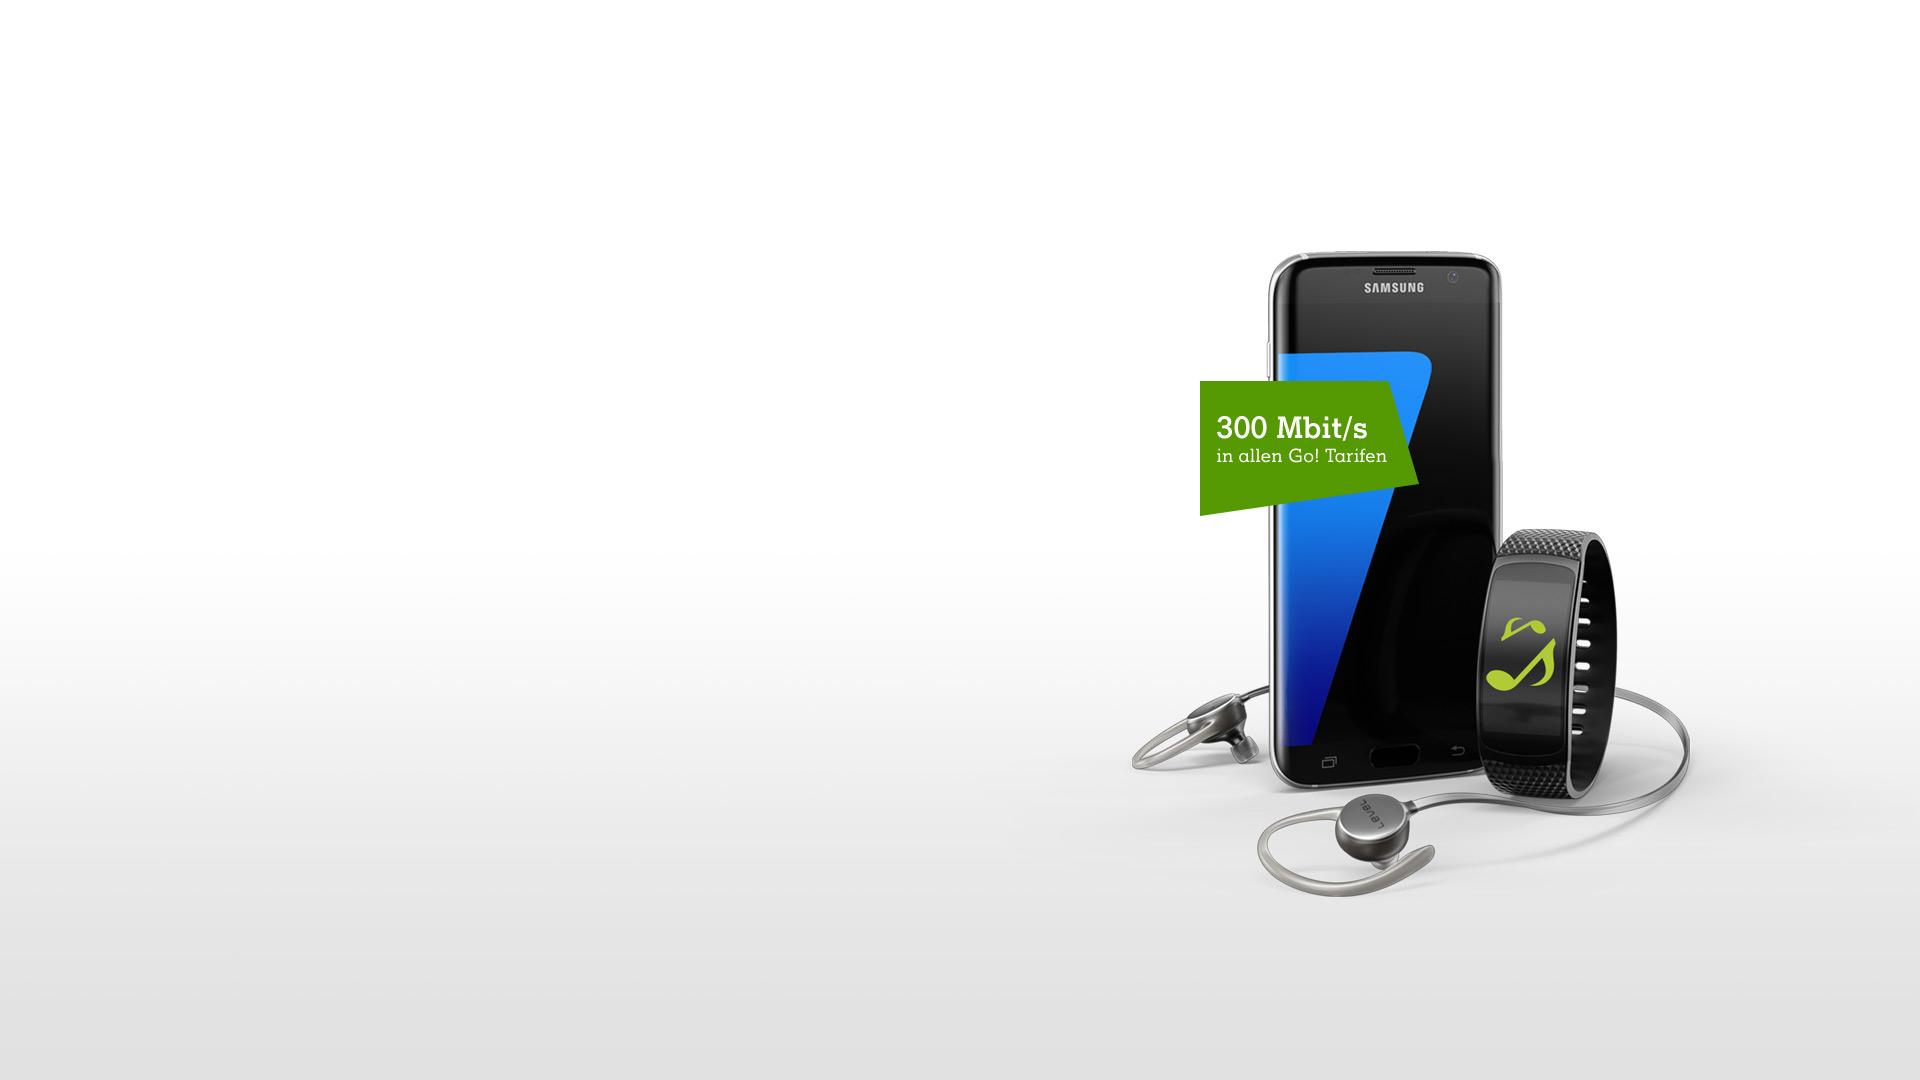 Samsung Galaxy S7 mit Gear Fit2 und Level Active Kopfhörern